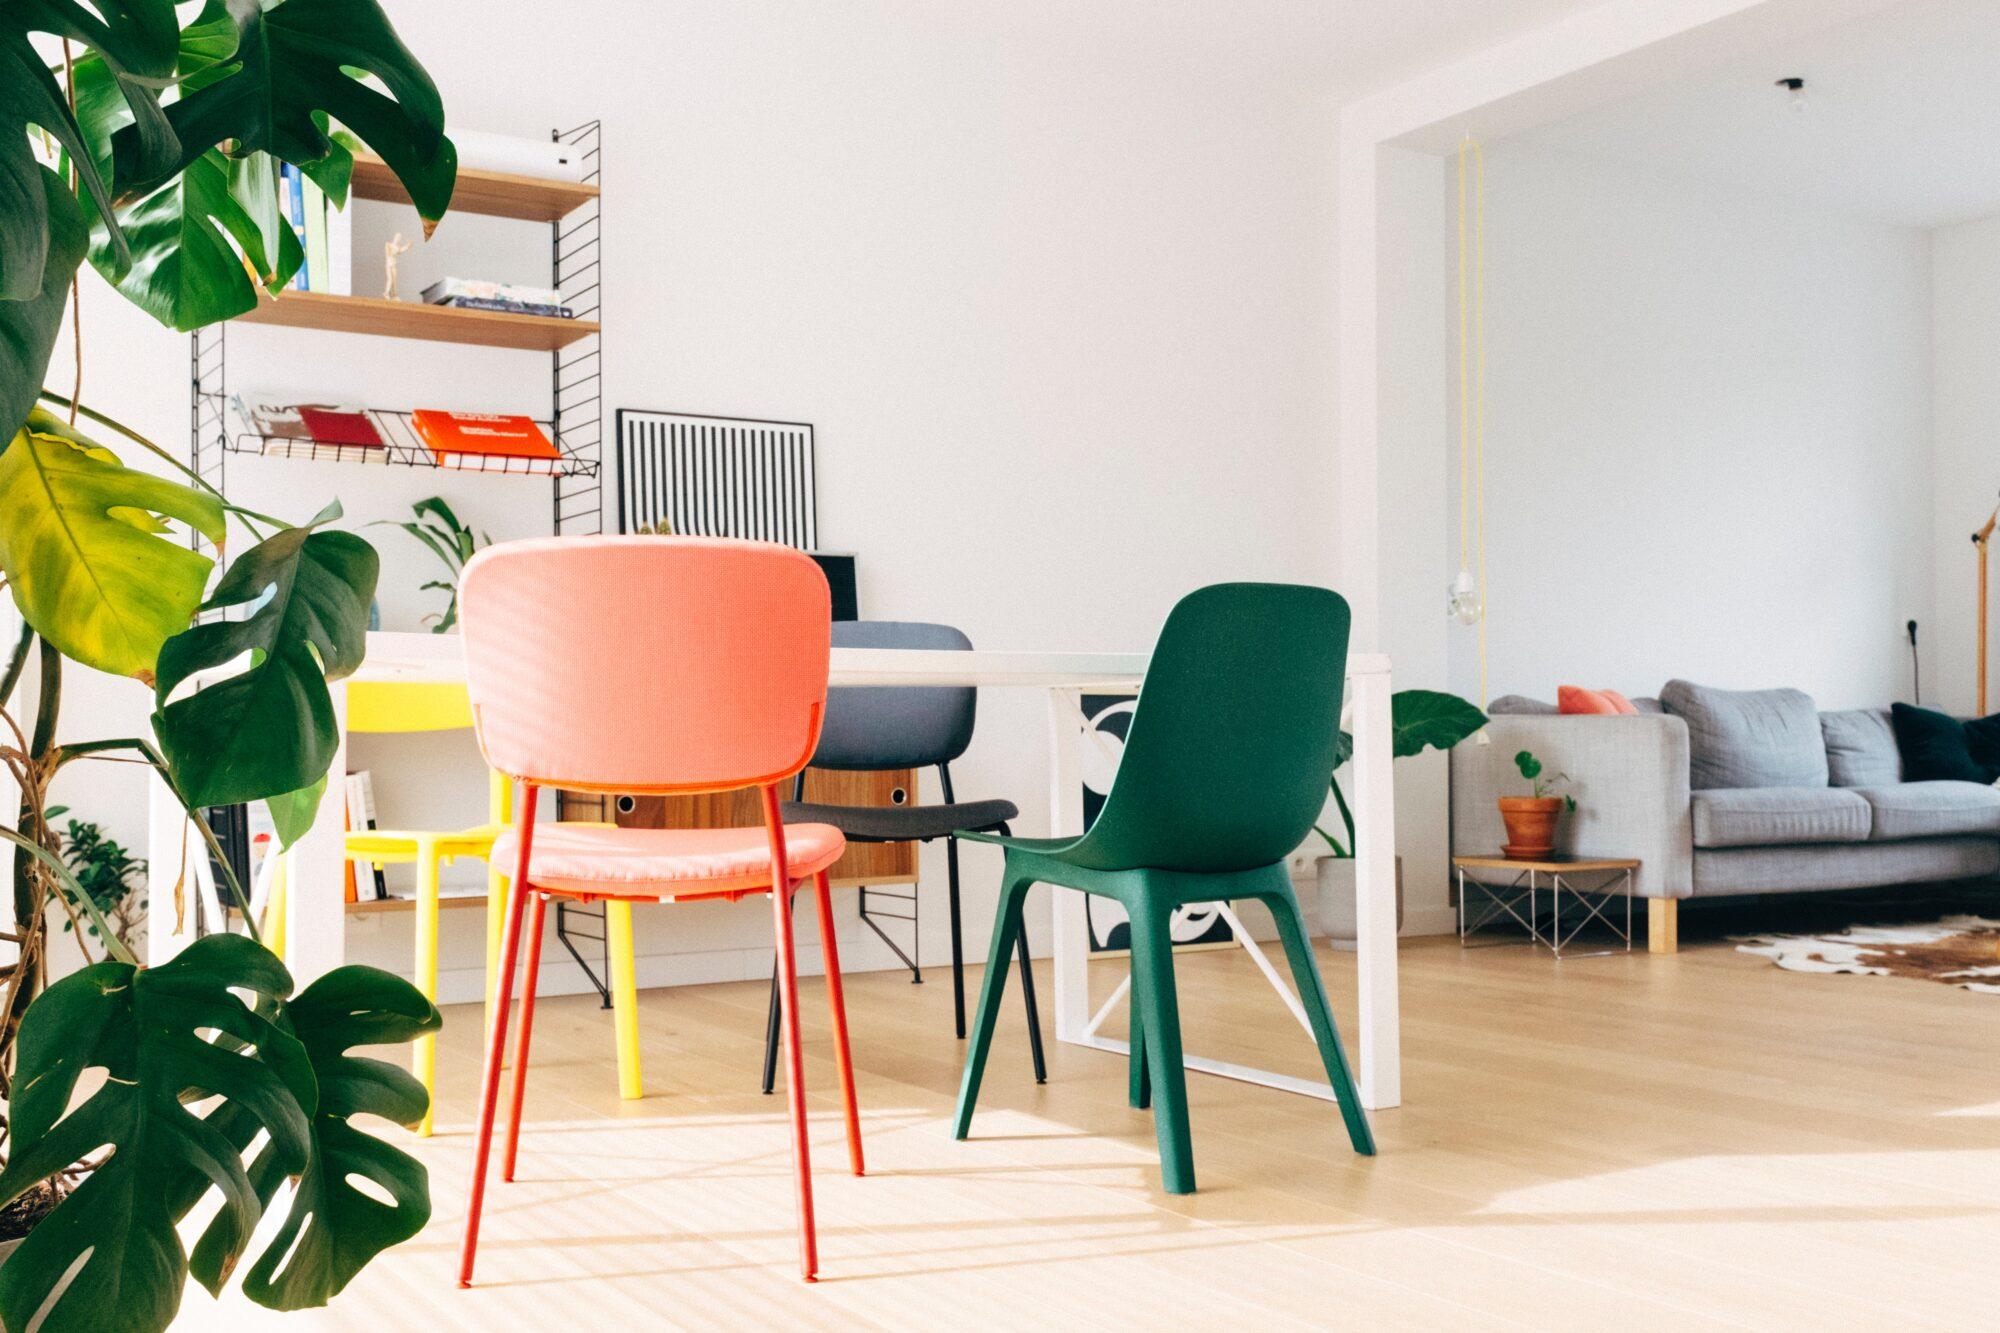 Vær med på trenden og mix dine spisebordsstole